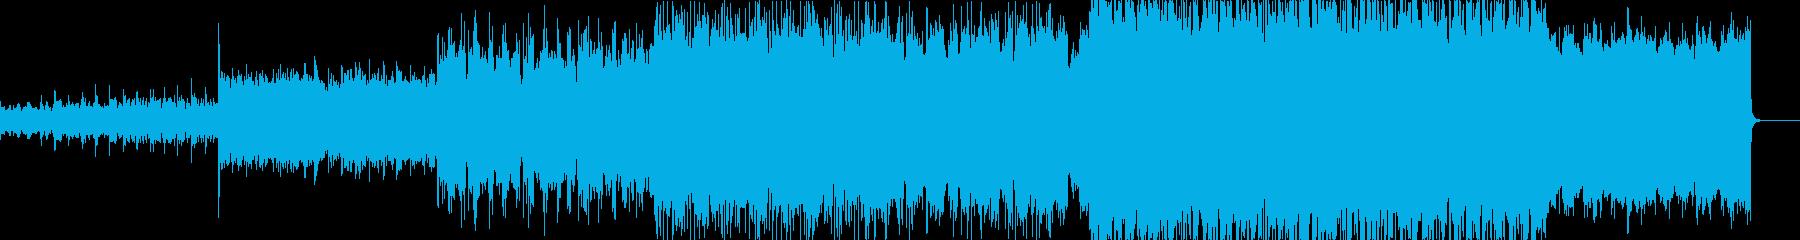 シネマティックなミディアムエレクトロの再生済みの波形